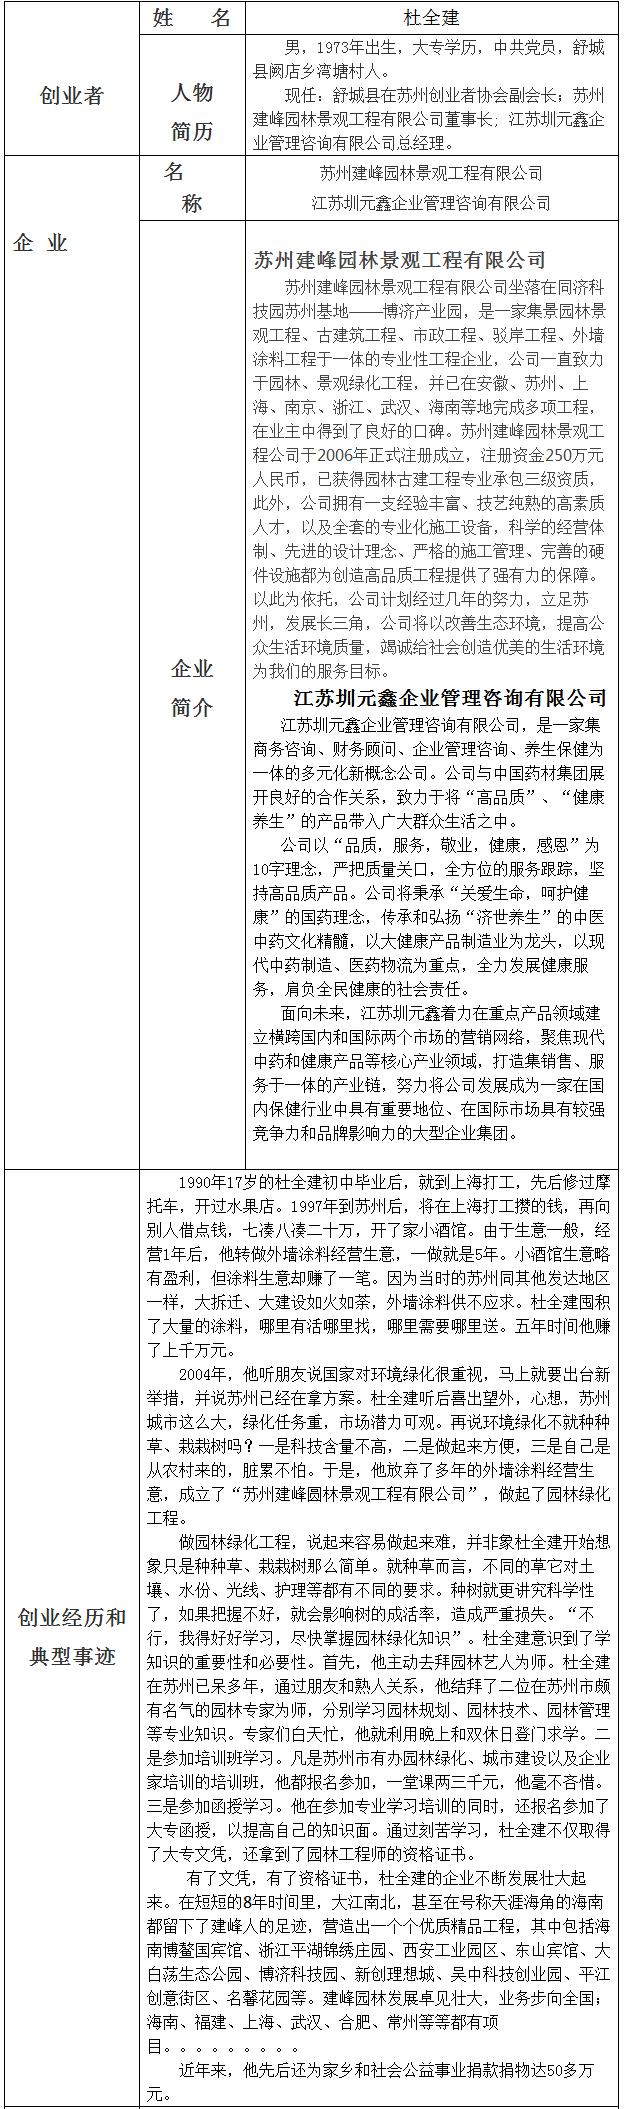 苏州建峰园林景观工程有限公司